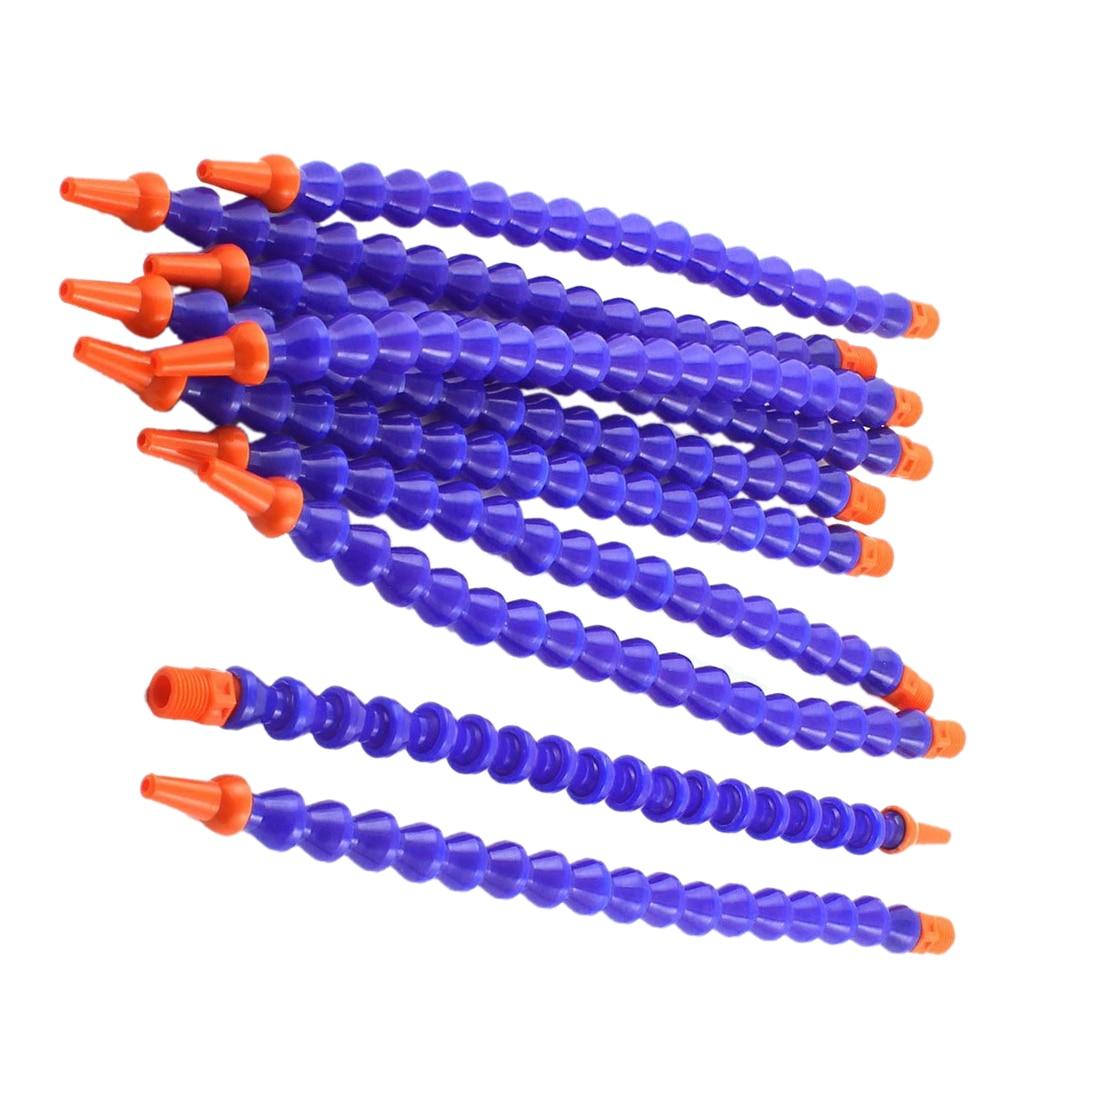 WSFS caliente 10 piezas boquilla redonda 1/4PT manguera del aceite refrigerante Flexible azul naranja para máquina CNC fresado refrigeración tubo al por menor